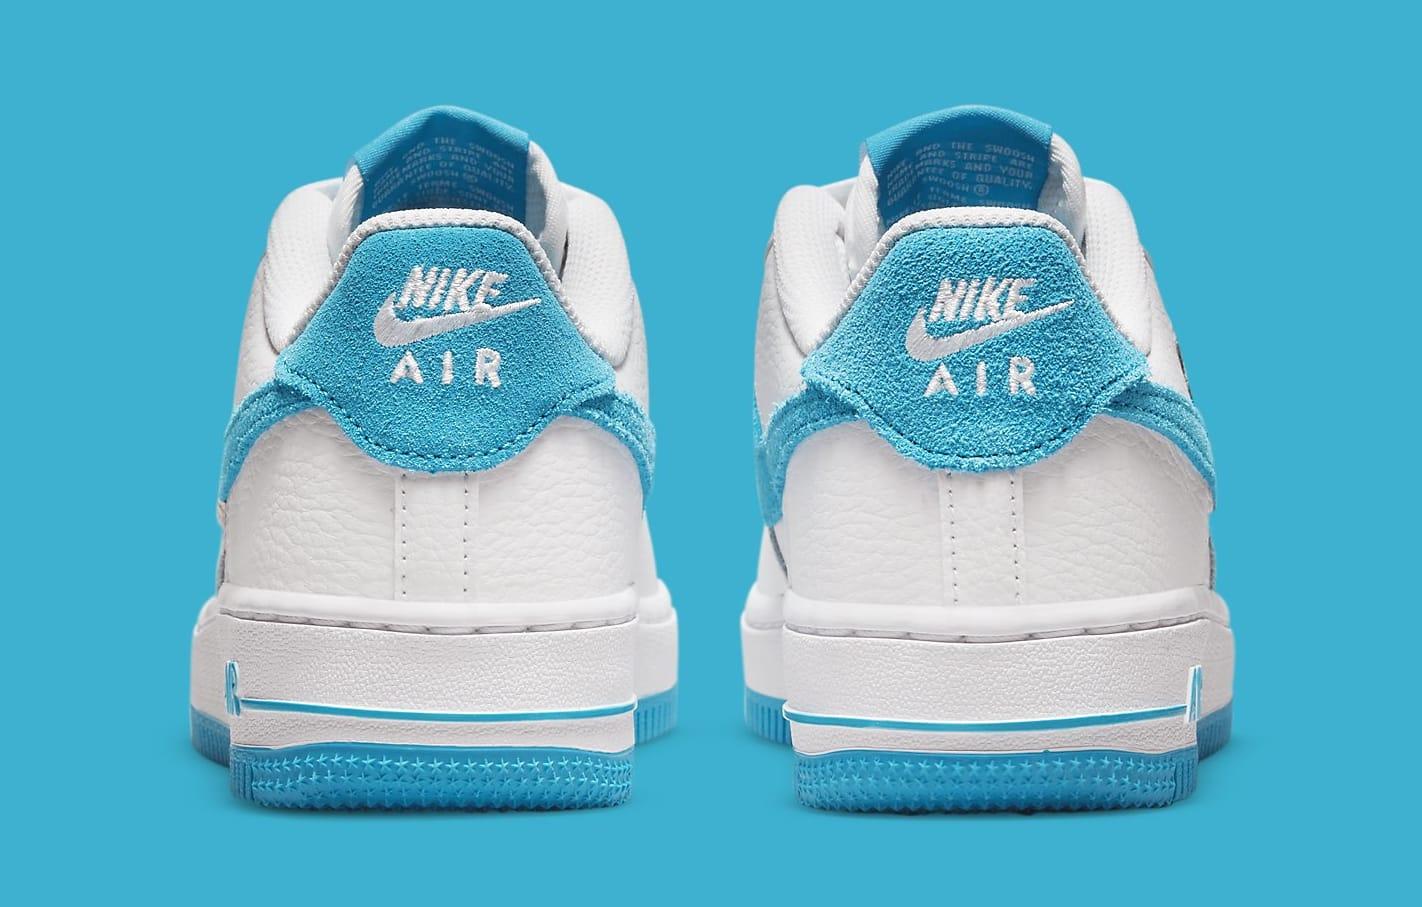 Nike Air Force 1 Low GS 'Space Jam' DM3353-100 Heel